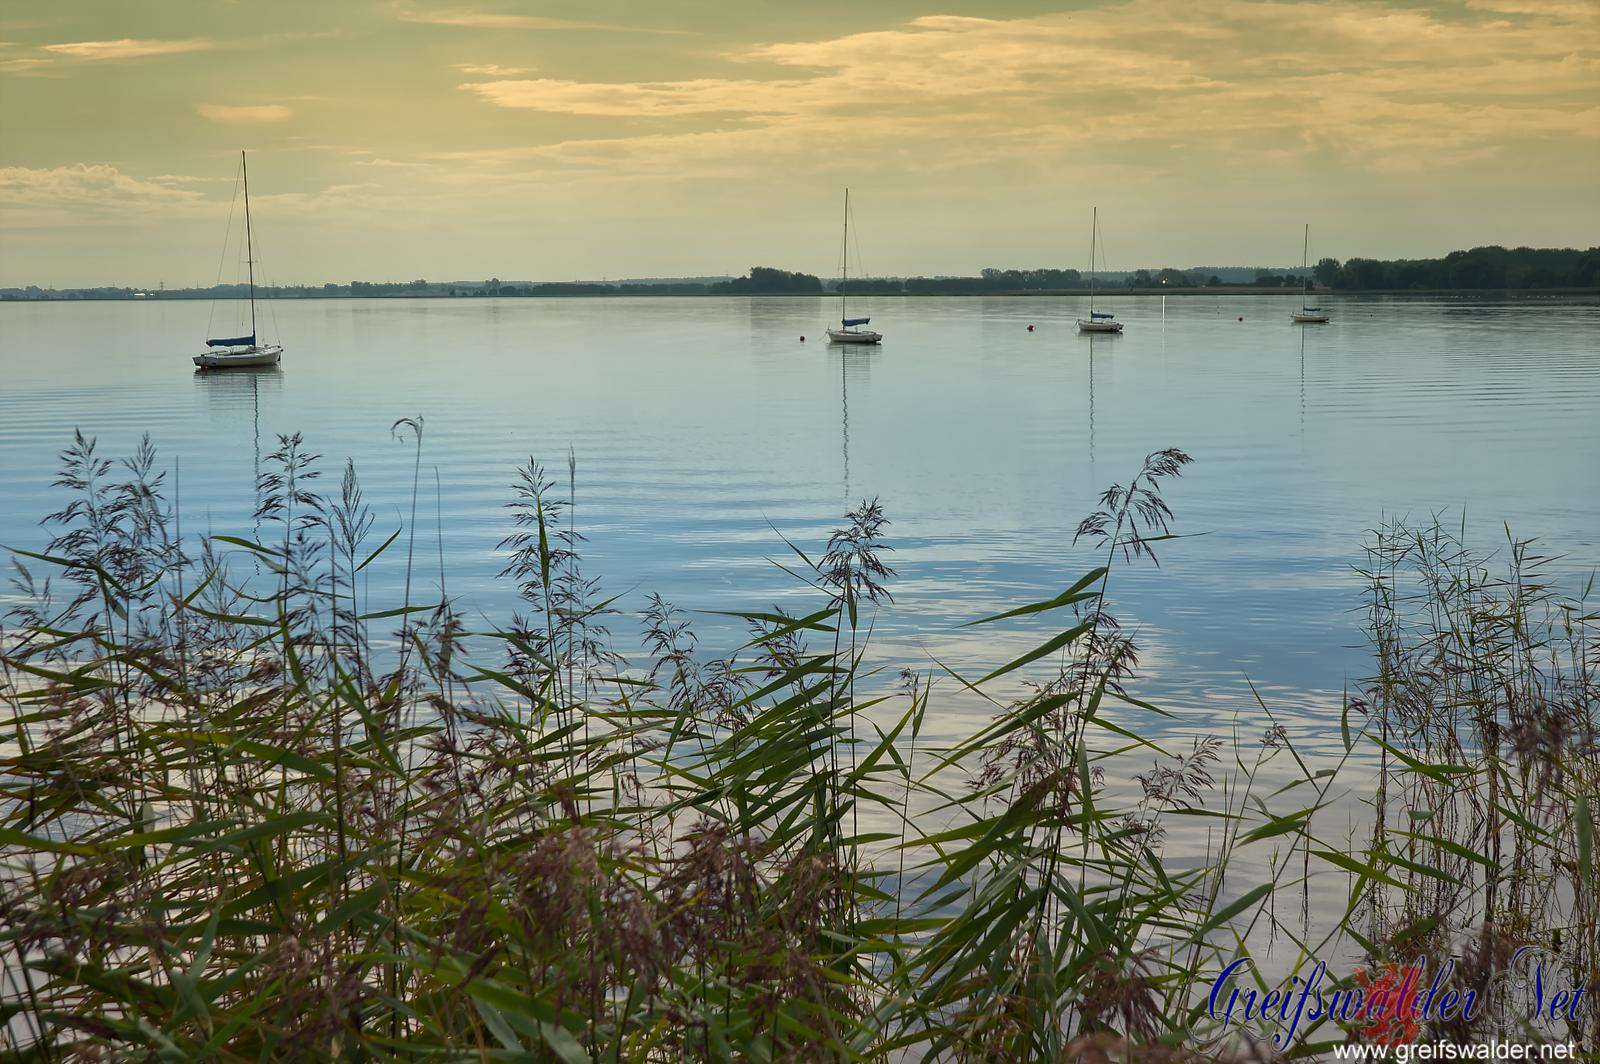 Guten Morgen von der Dänischen Wiek in Greifswald-Wieck